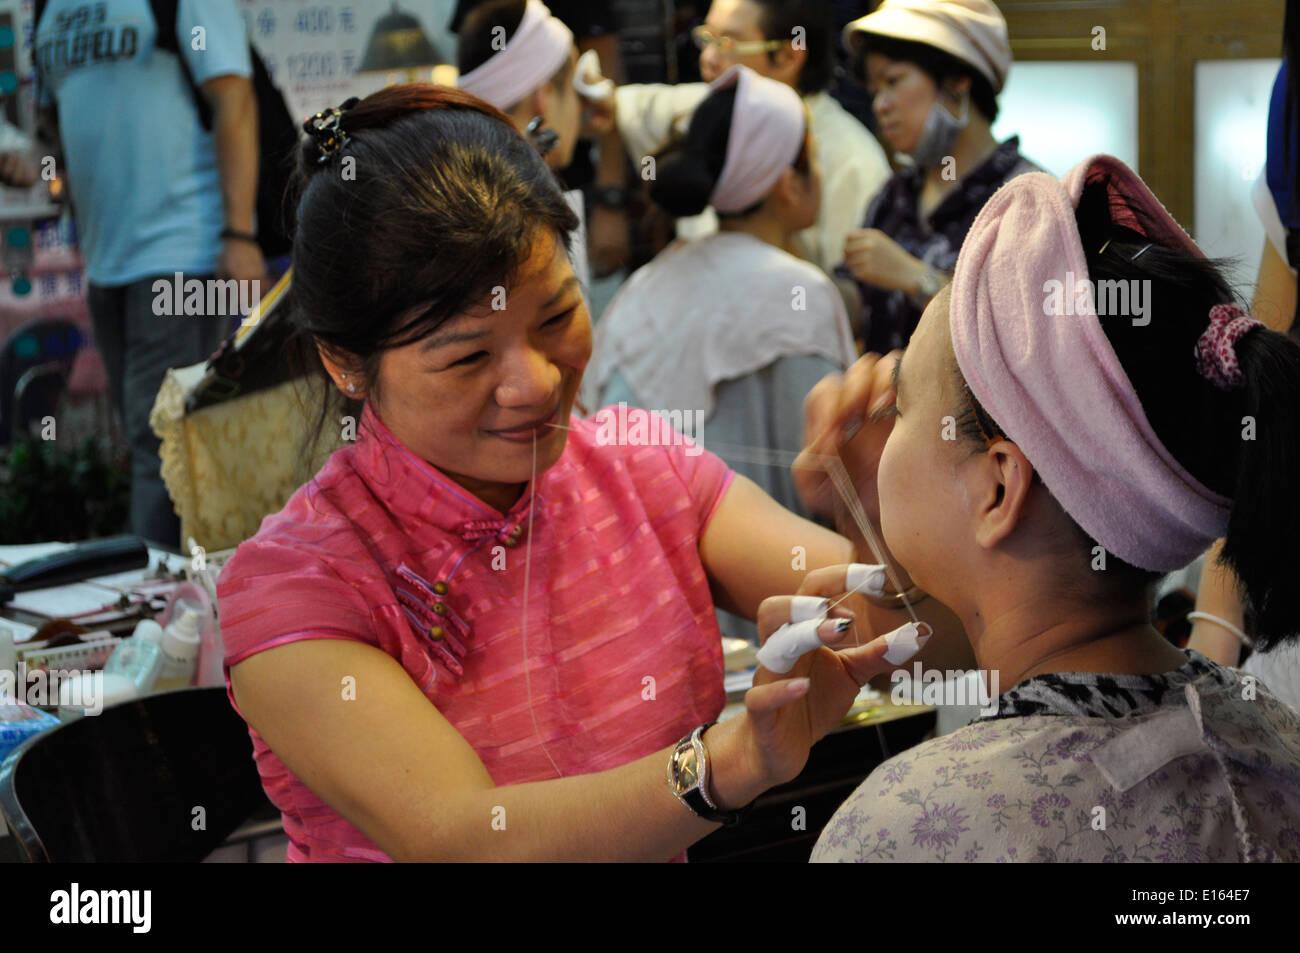 Face massage with string, Raohe Street Night Market, Taipei, Taiwan. - Stock Image